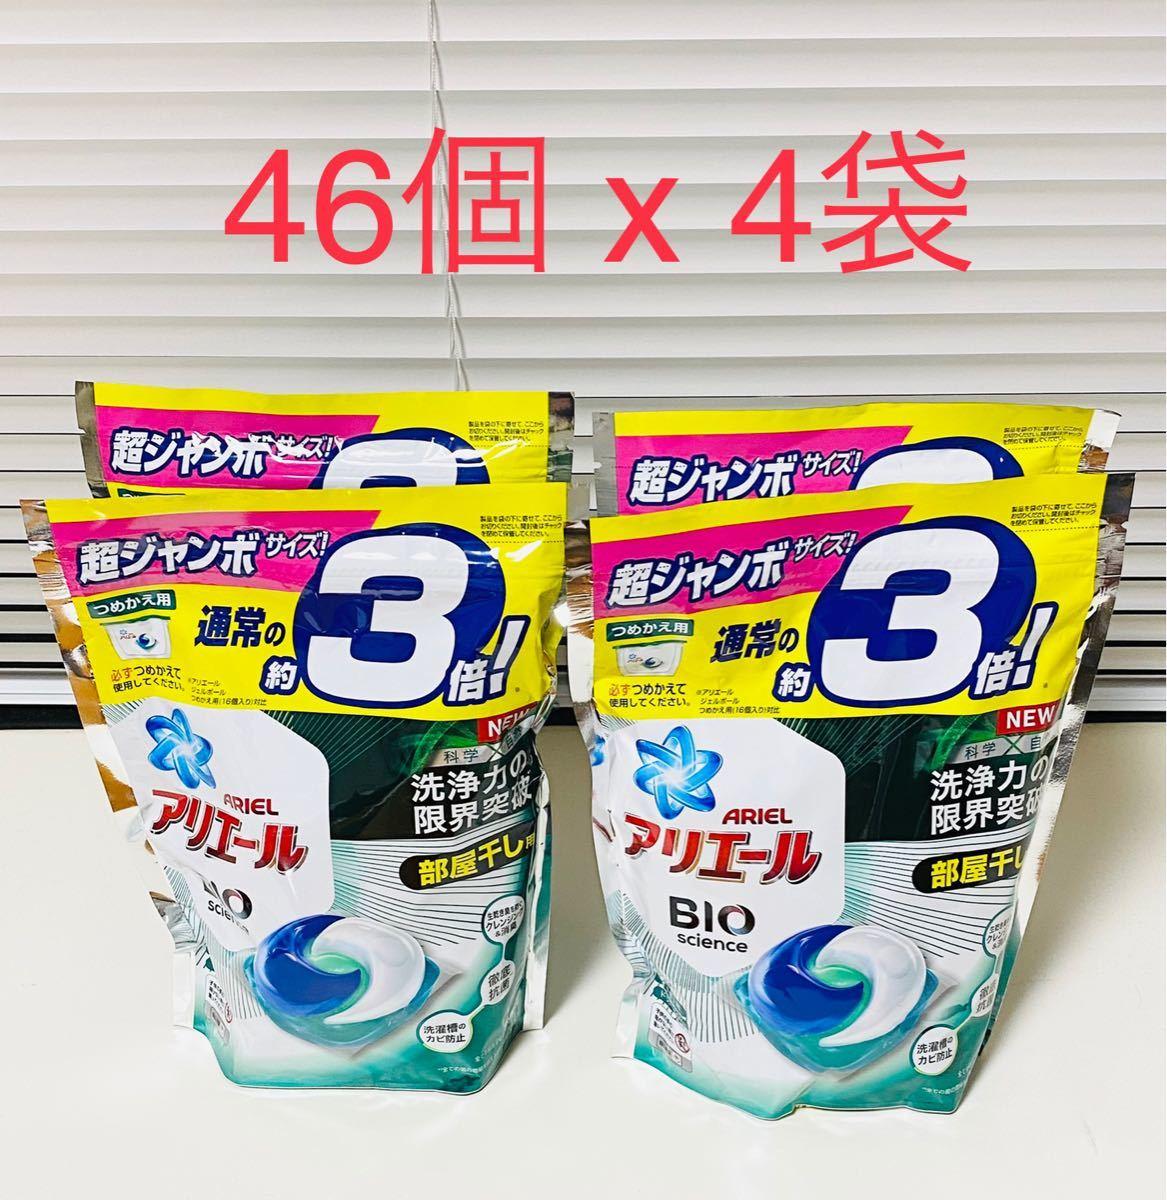 アリエールBIOジェルボール部屋干し用 つめかえ超ジャンボサイズ 洗濯洗剤(46個入*4袋セット)